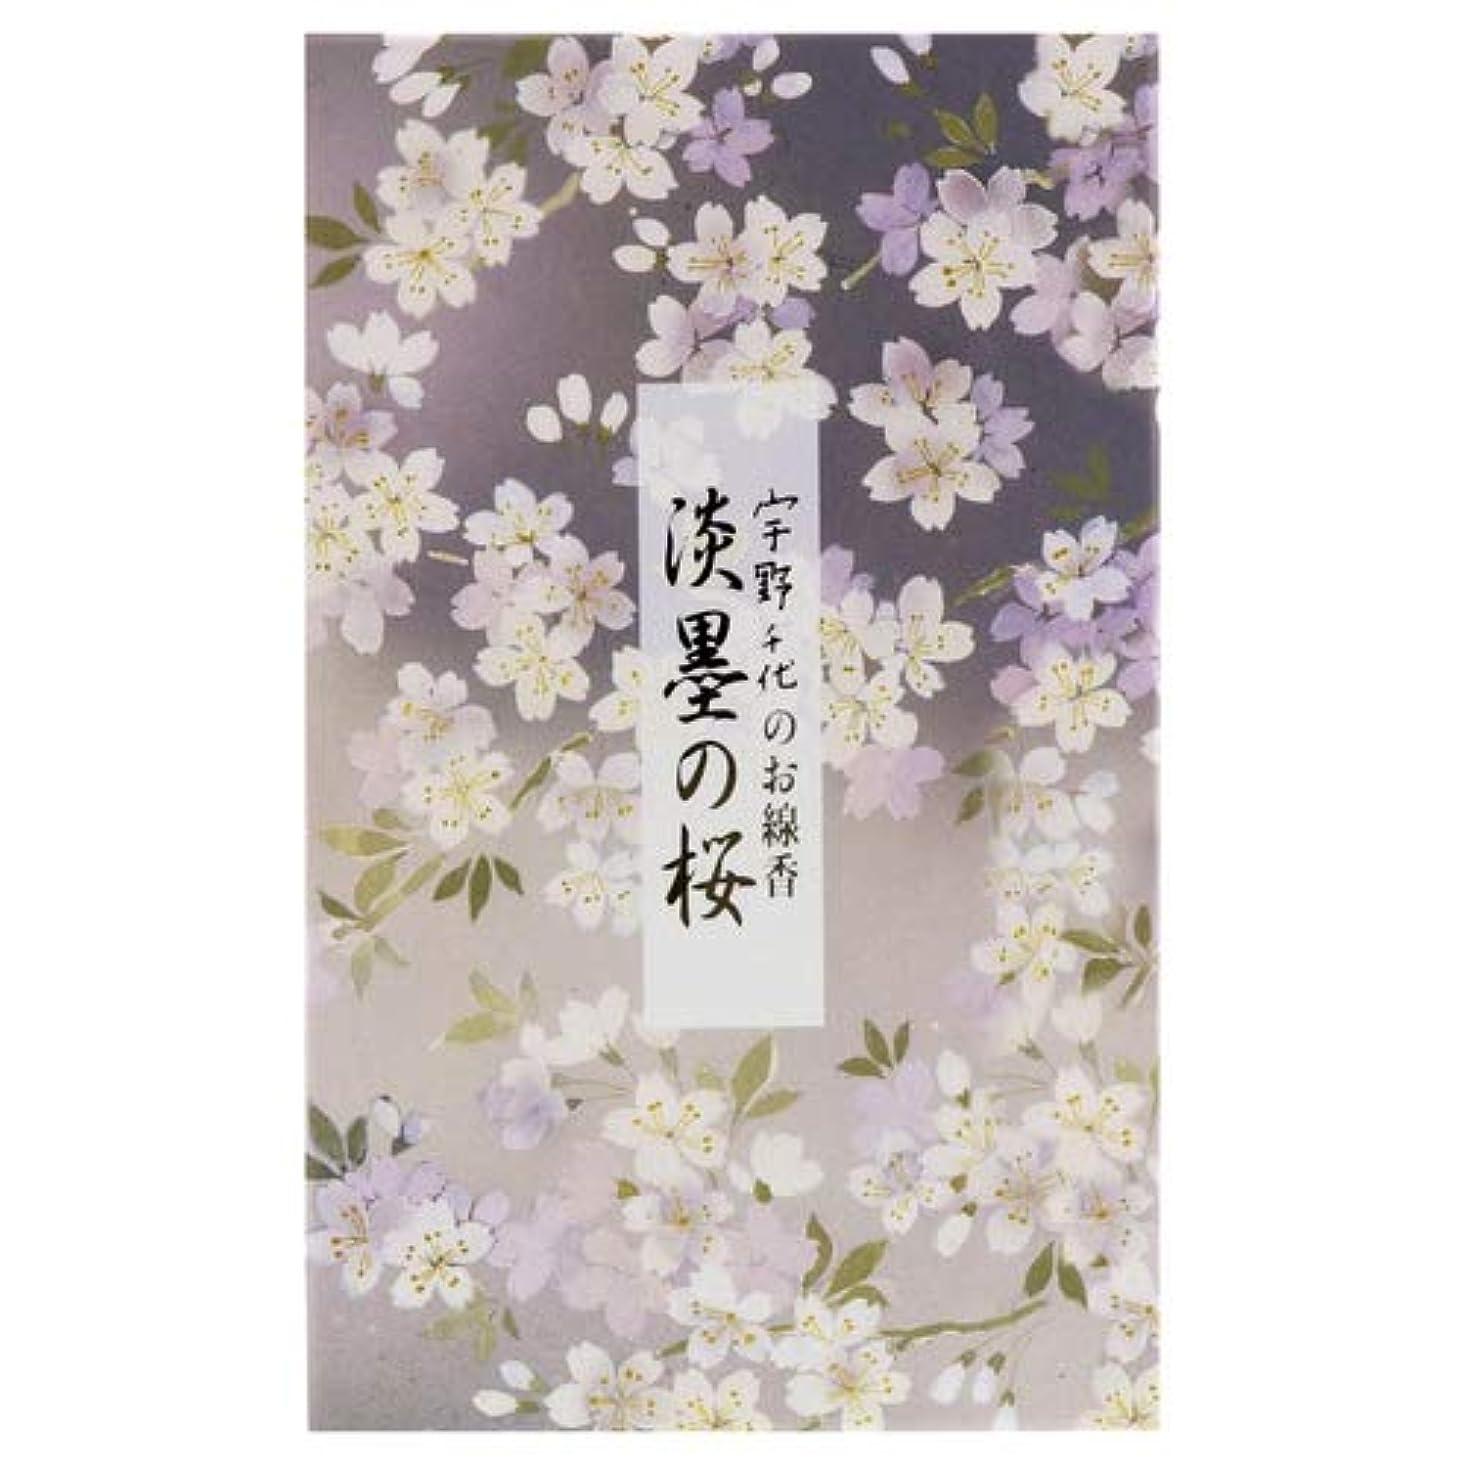 戸口狂う効果宇野千代のお線香 淡墨の桜 バラ詰